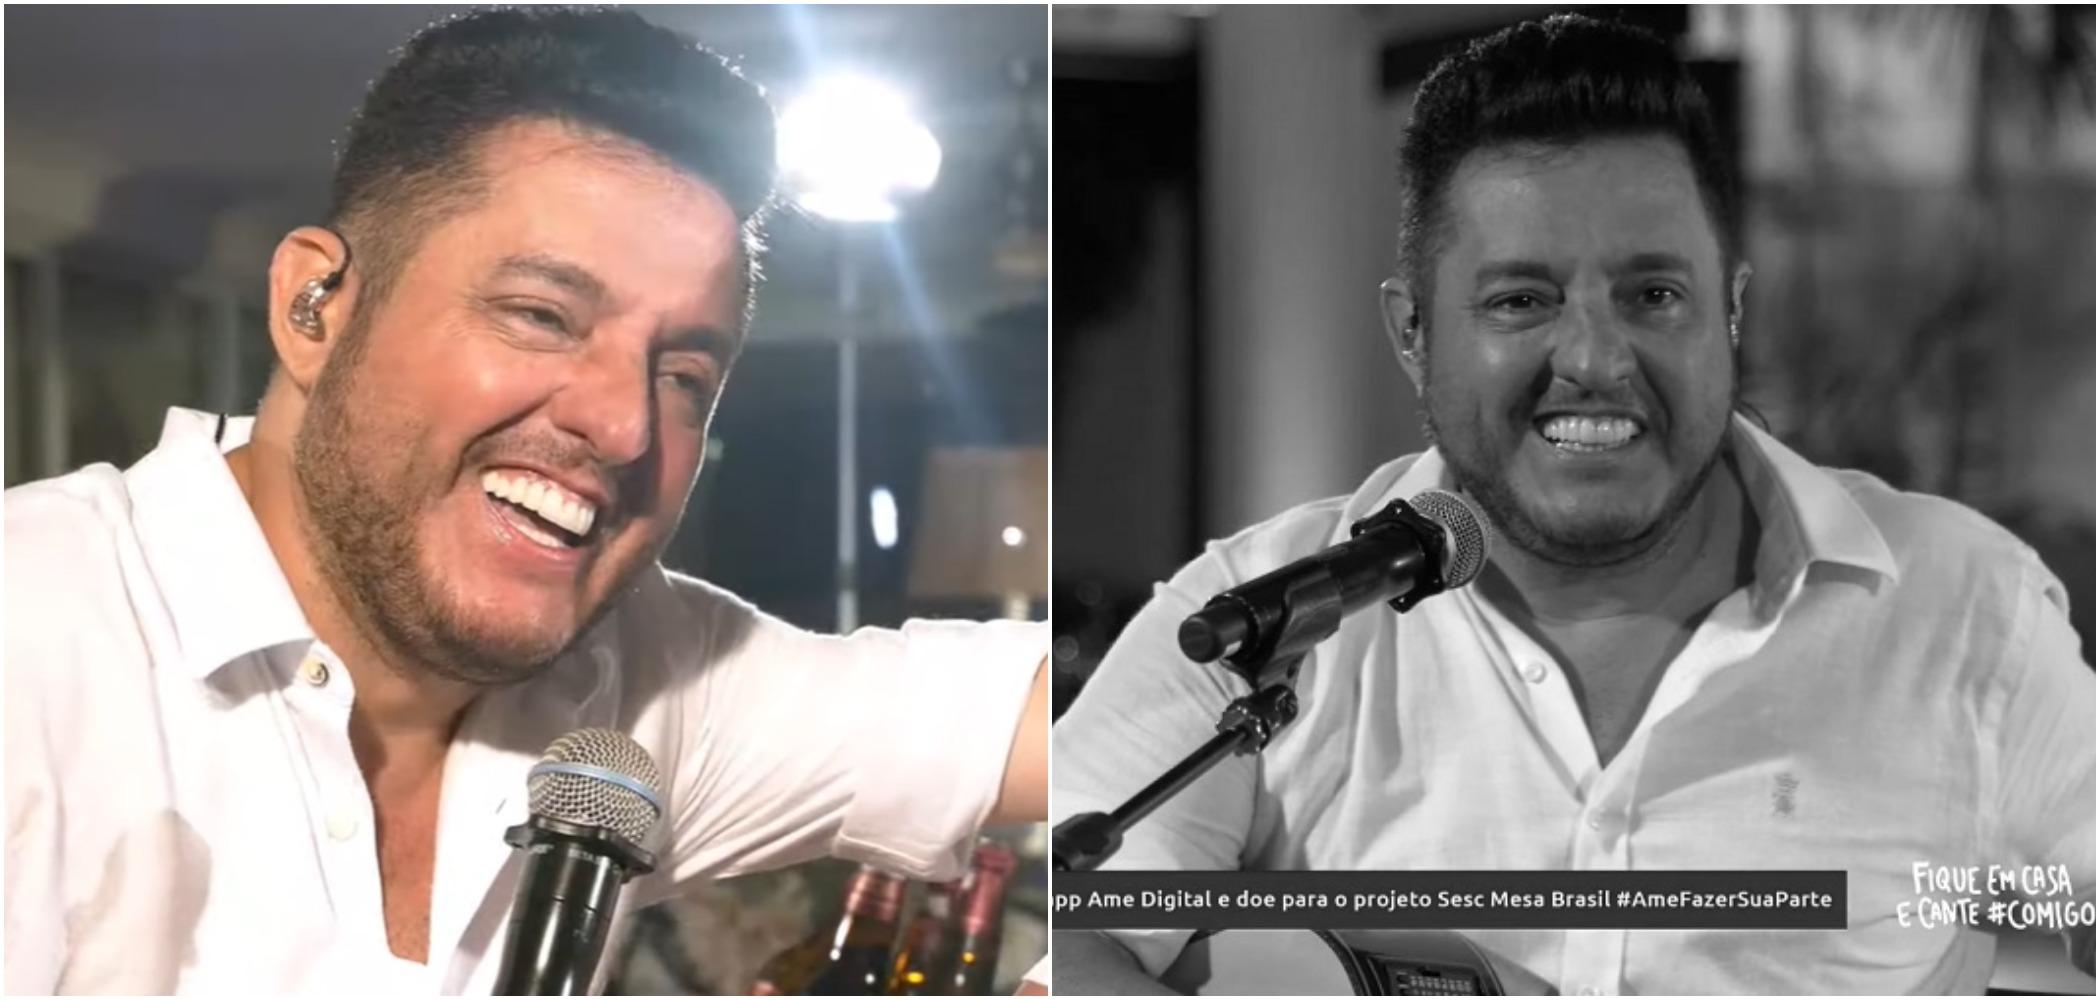 Bruno, da dupla com Marrone, teria suposto filho fora do casamento, segundo internauta que disse que o cantor teria engravidado sua irmã (Reprodução)